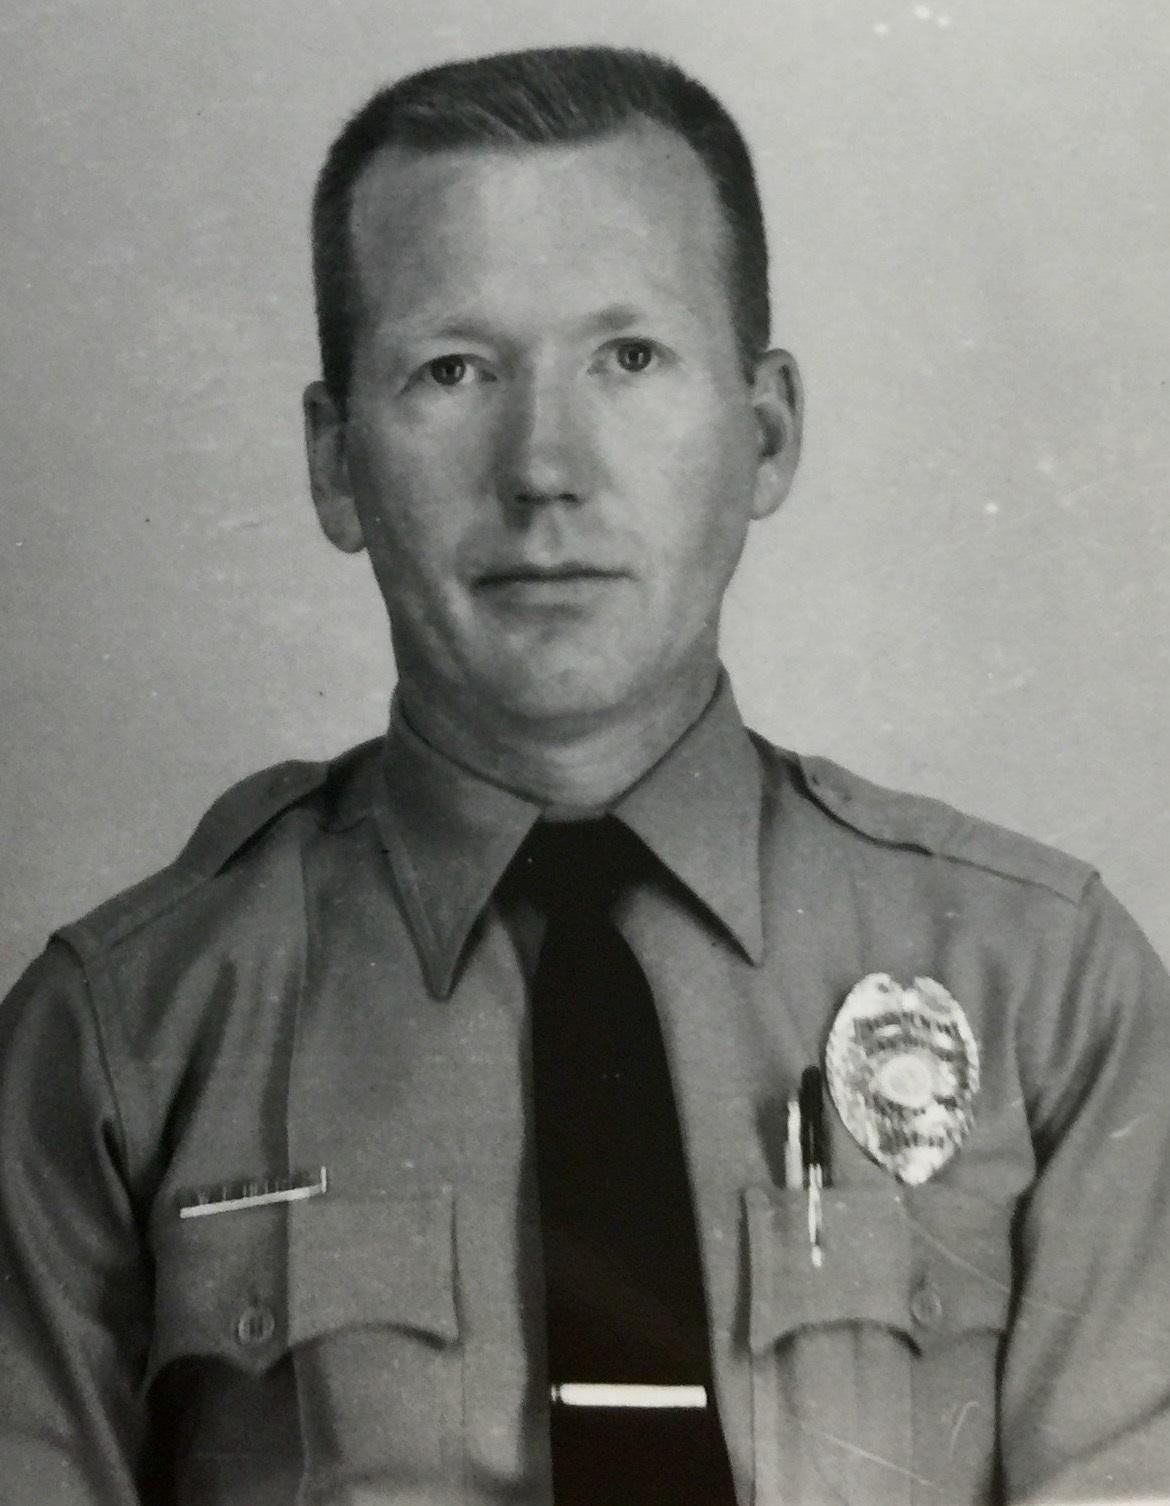 Wayne Heldt